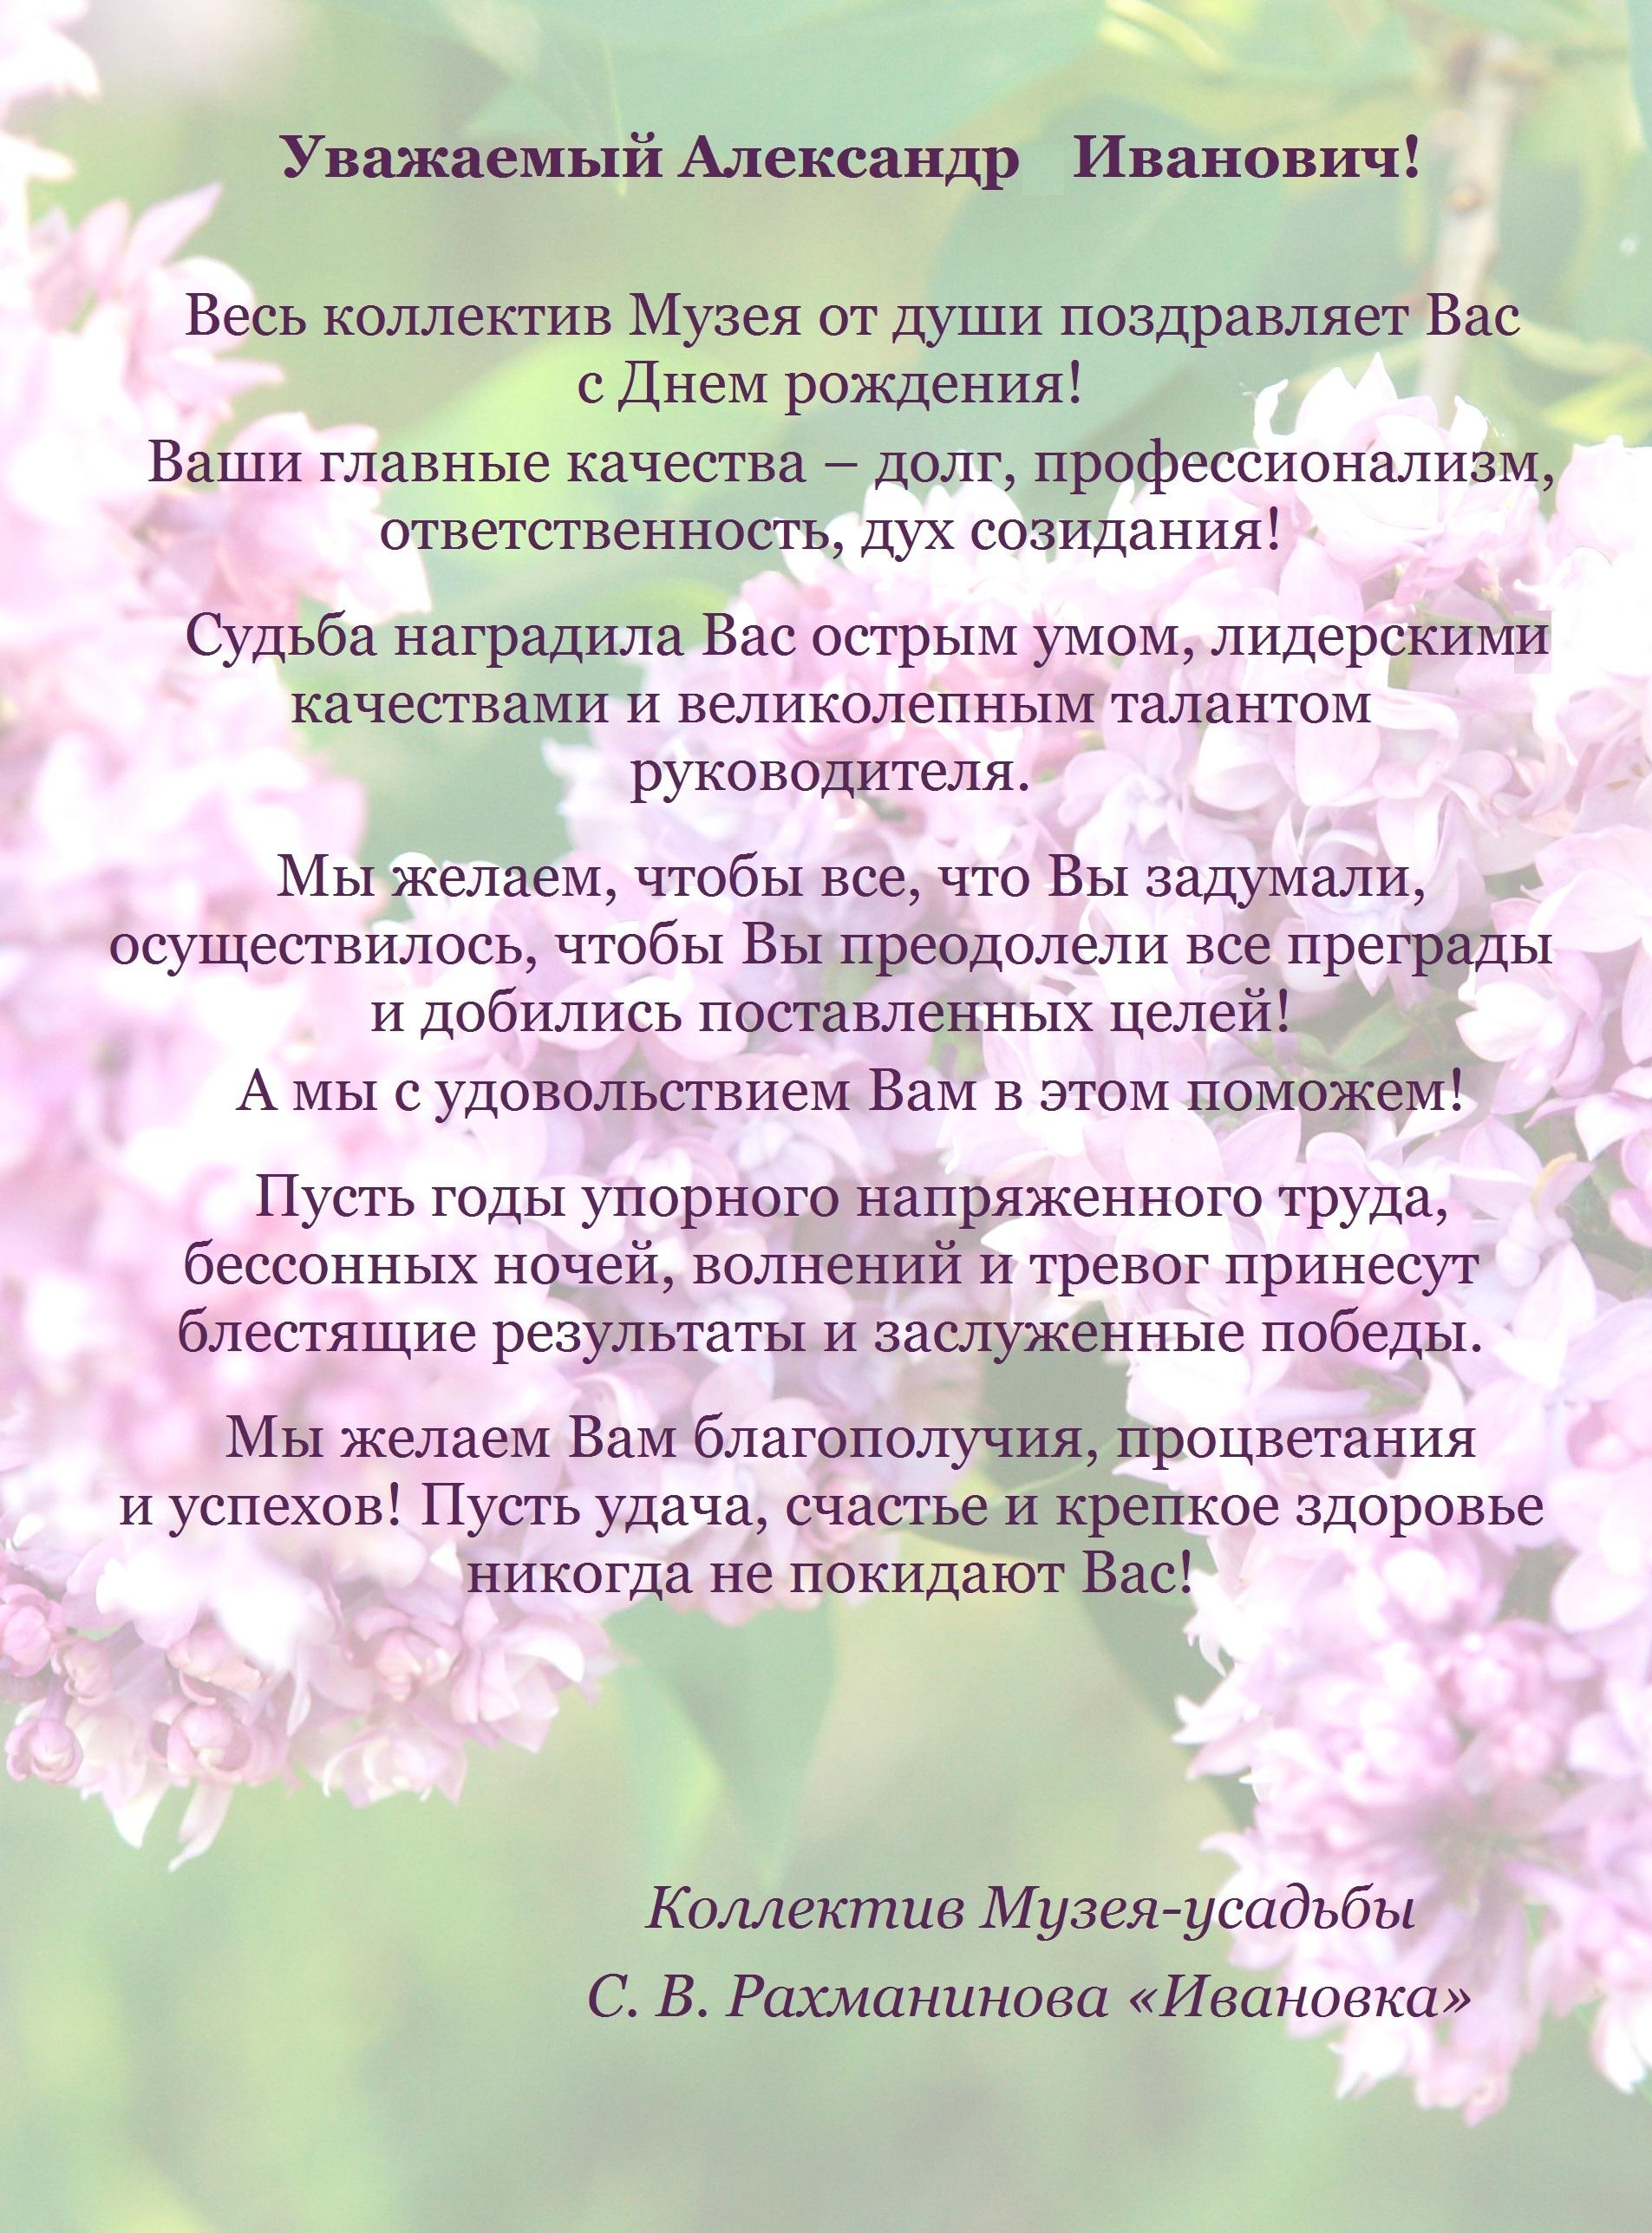 Поздравление александру 61 15